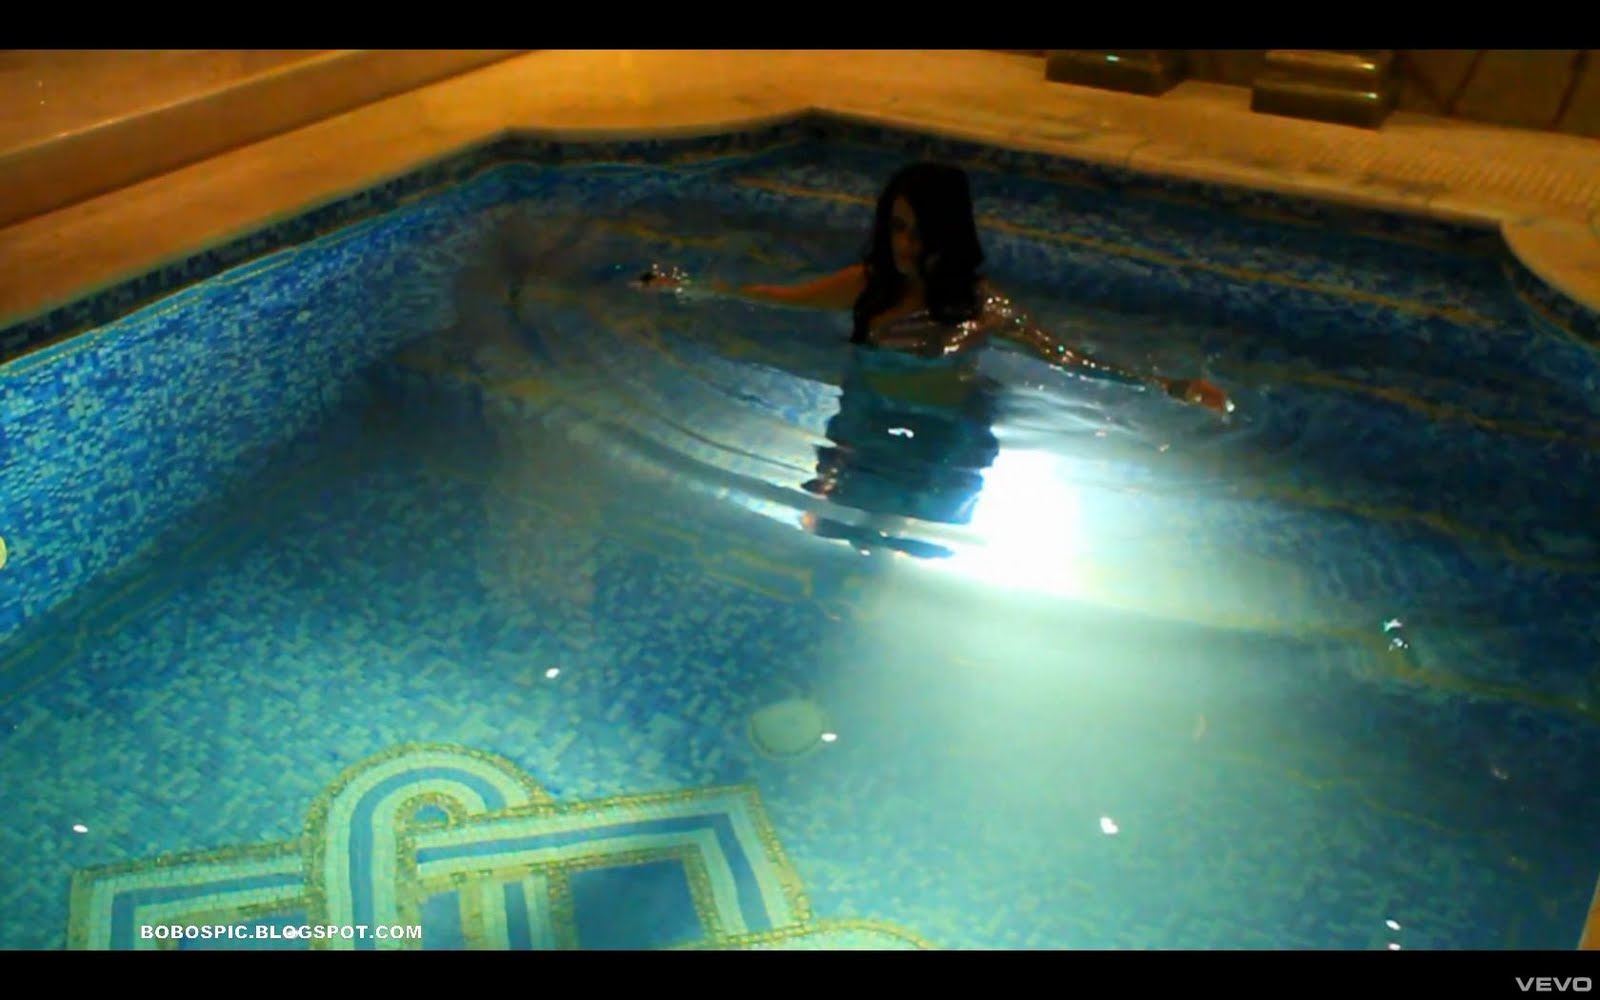 http://3.bp.blogspot.com/_2EXWTZ37Ix0/TNBXwklqYzI/AAAAAAAACac/XWr2W0wcNWc/s1600/Nelly+Furtado+-+Fuerte19.jpg